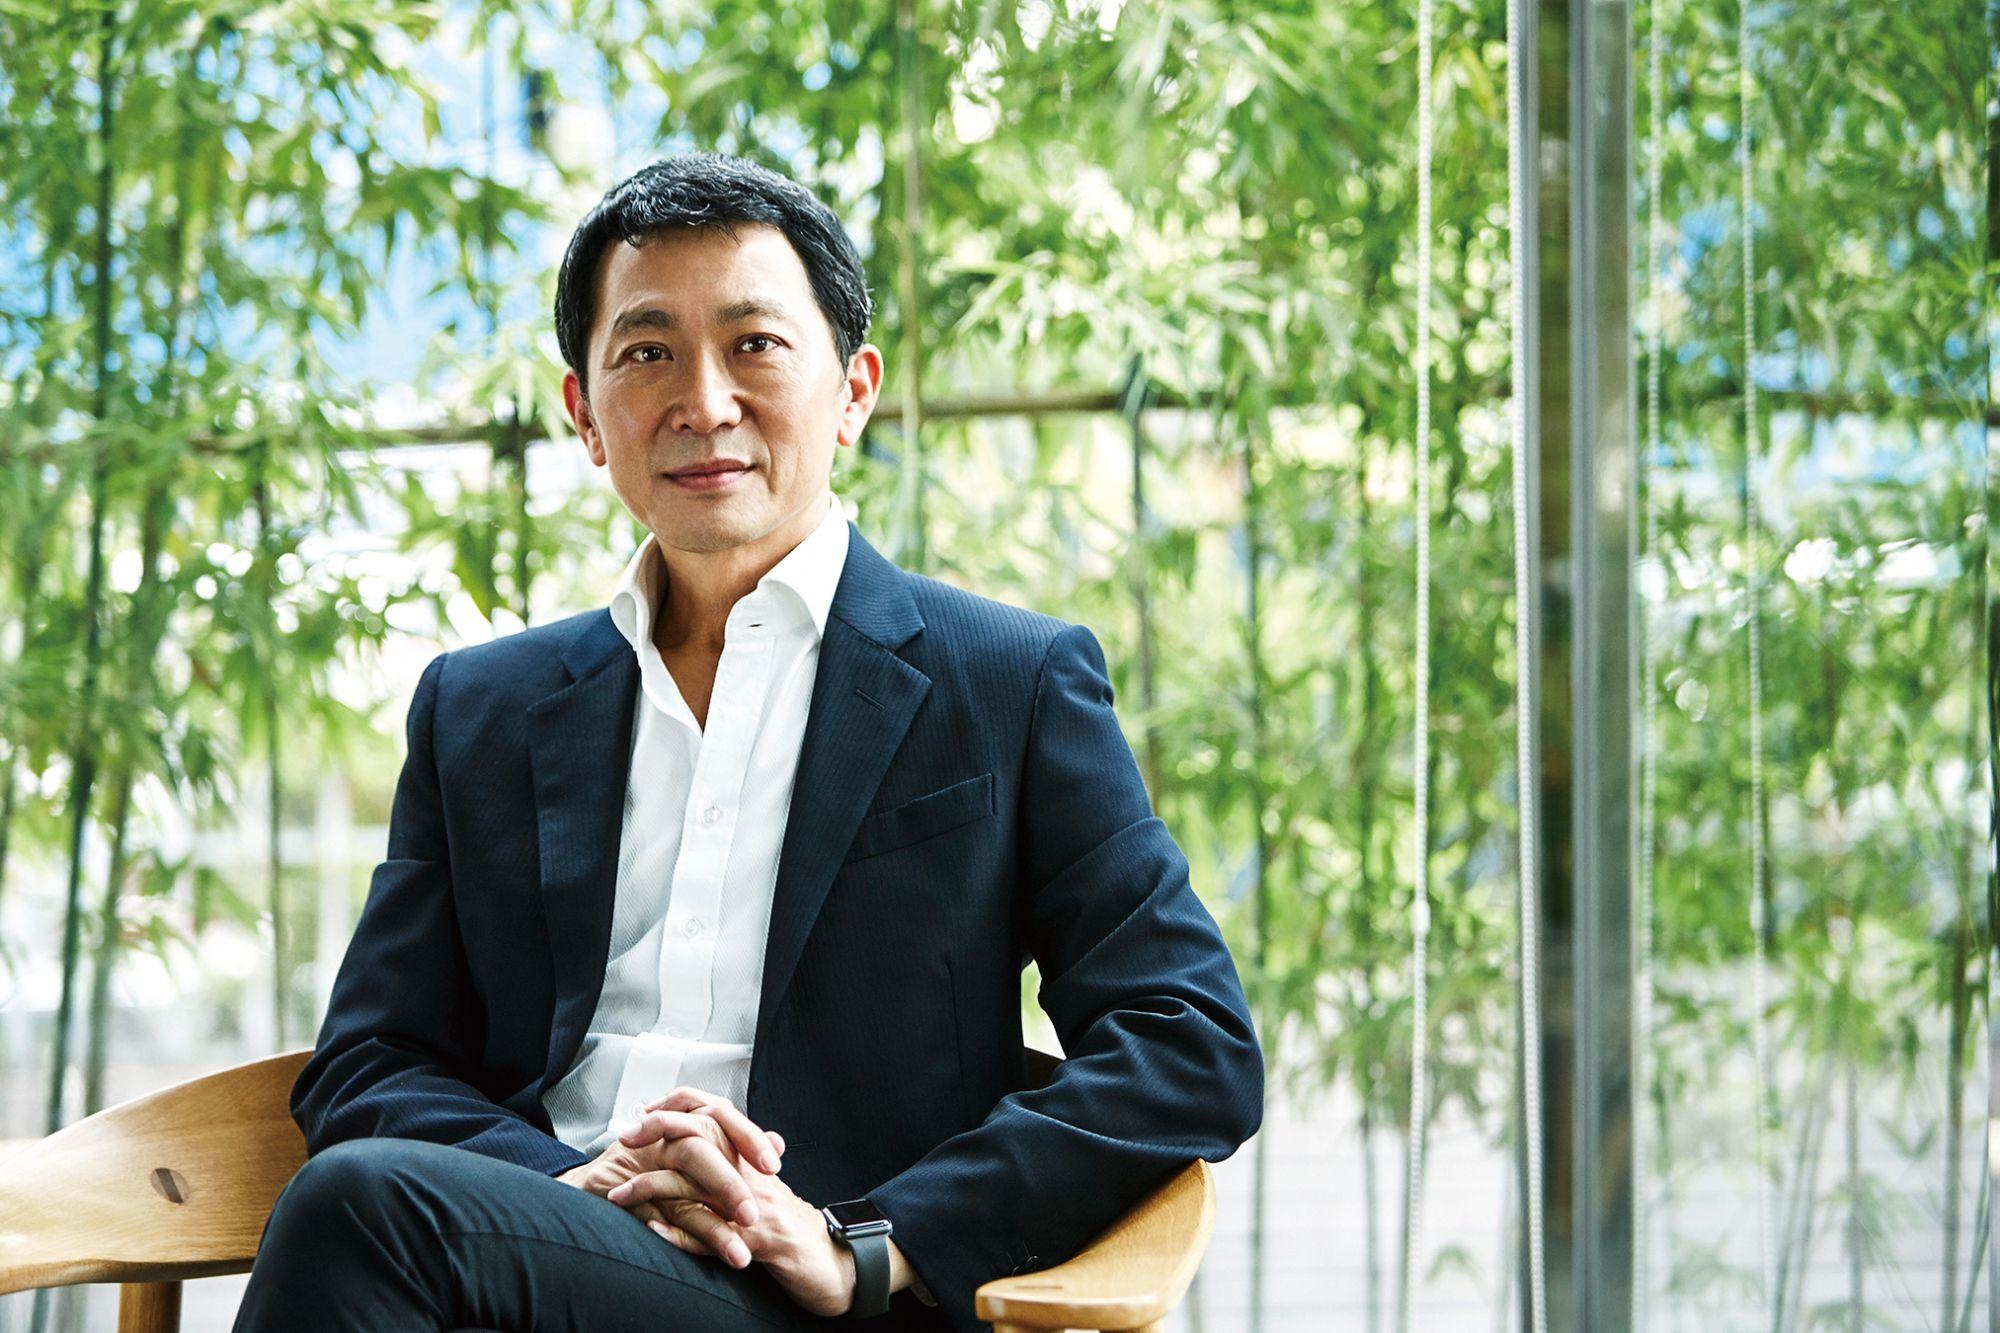 從臍帶血銀行到台灣首間幹細胞上市櫃權威,訊聯生技20年來不變的使命!專訪董事長蔡政憲:「我希望用生技的力量,創造一個更美好的世界。」